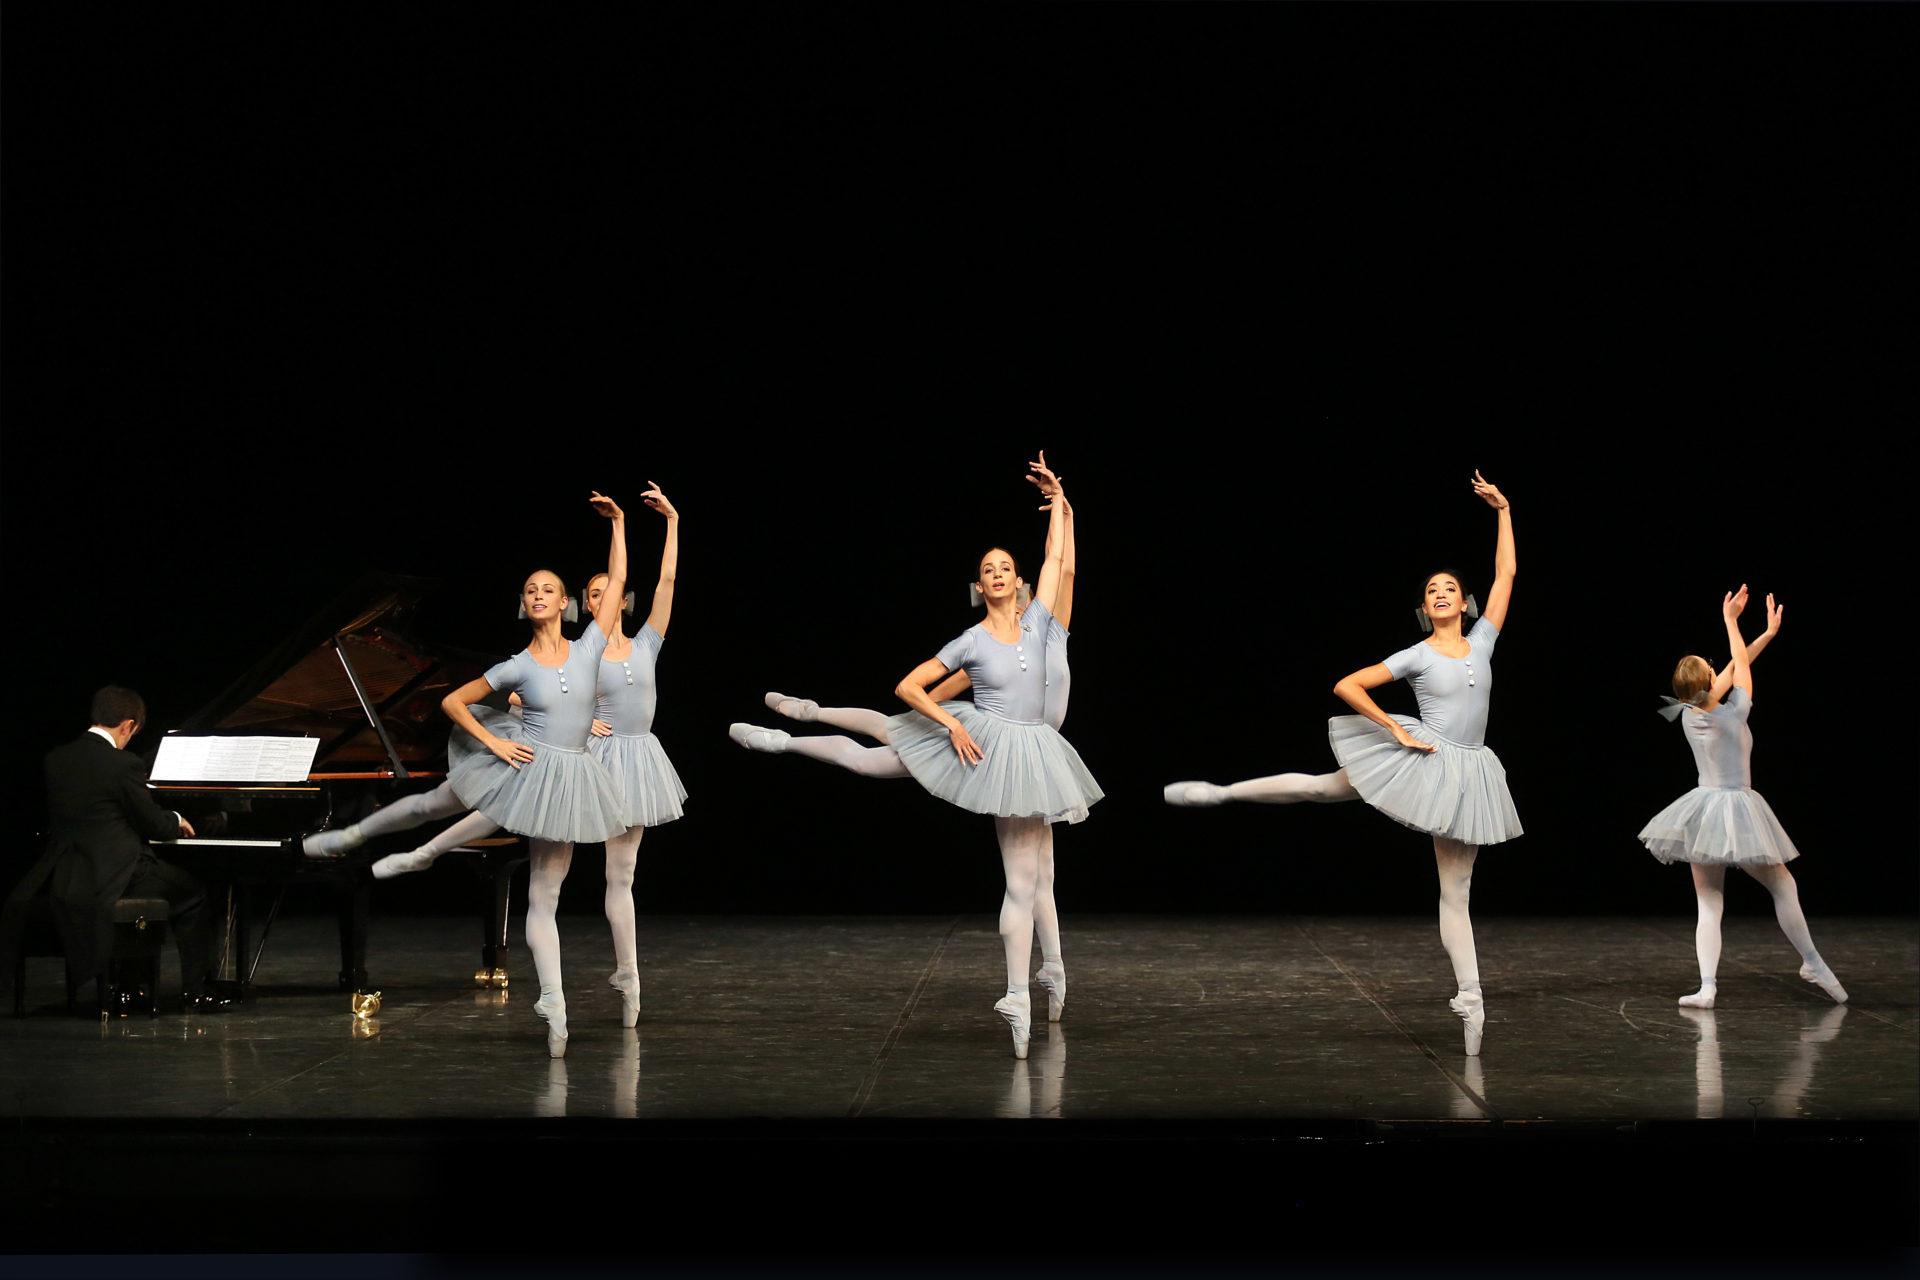 Chopin_Dances_HH_Ballett_Foto_AnjaBeutler.de_355